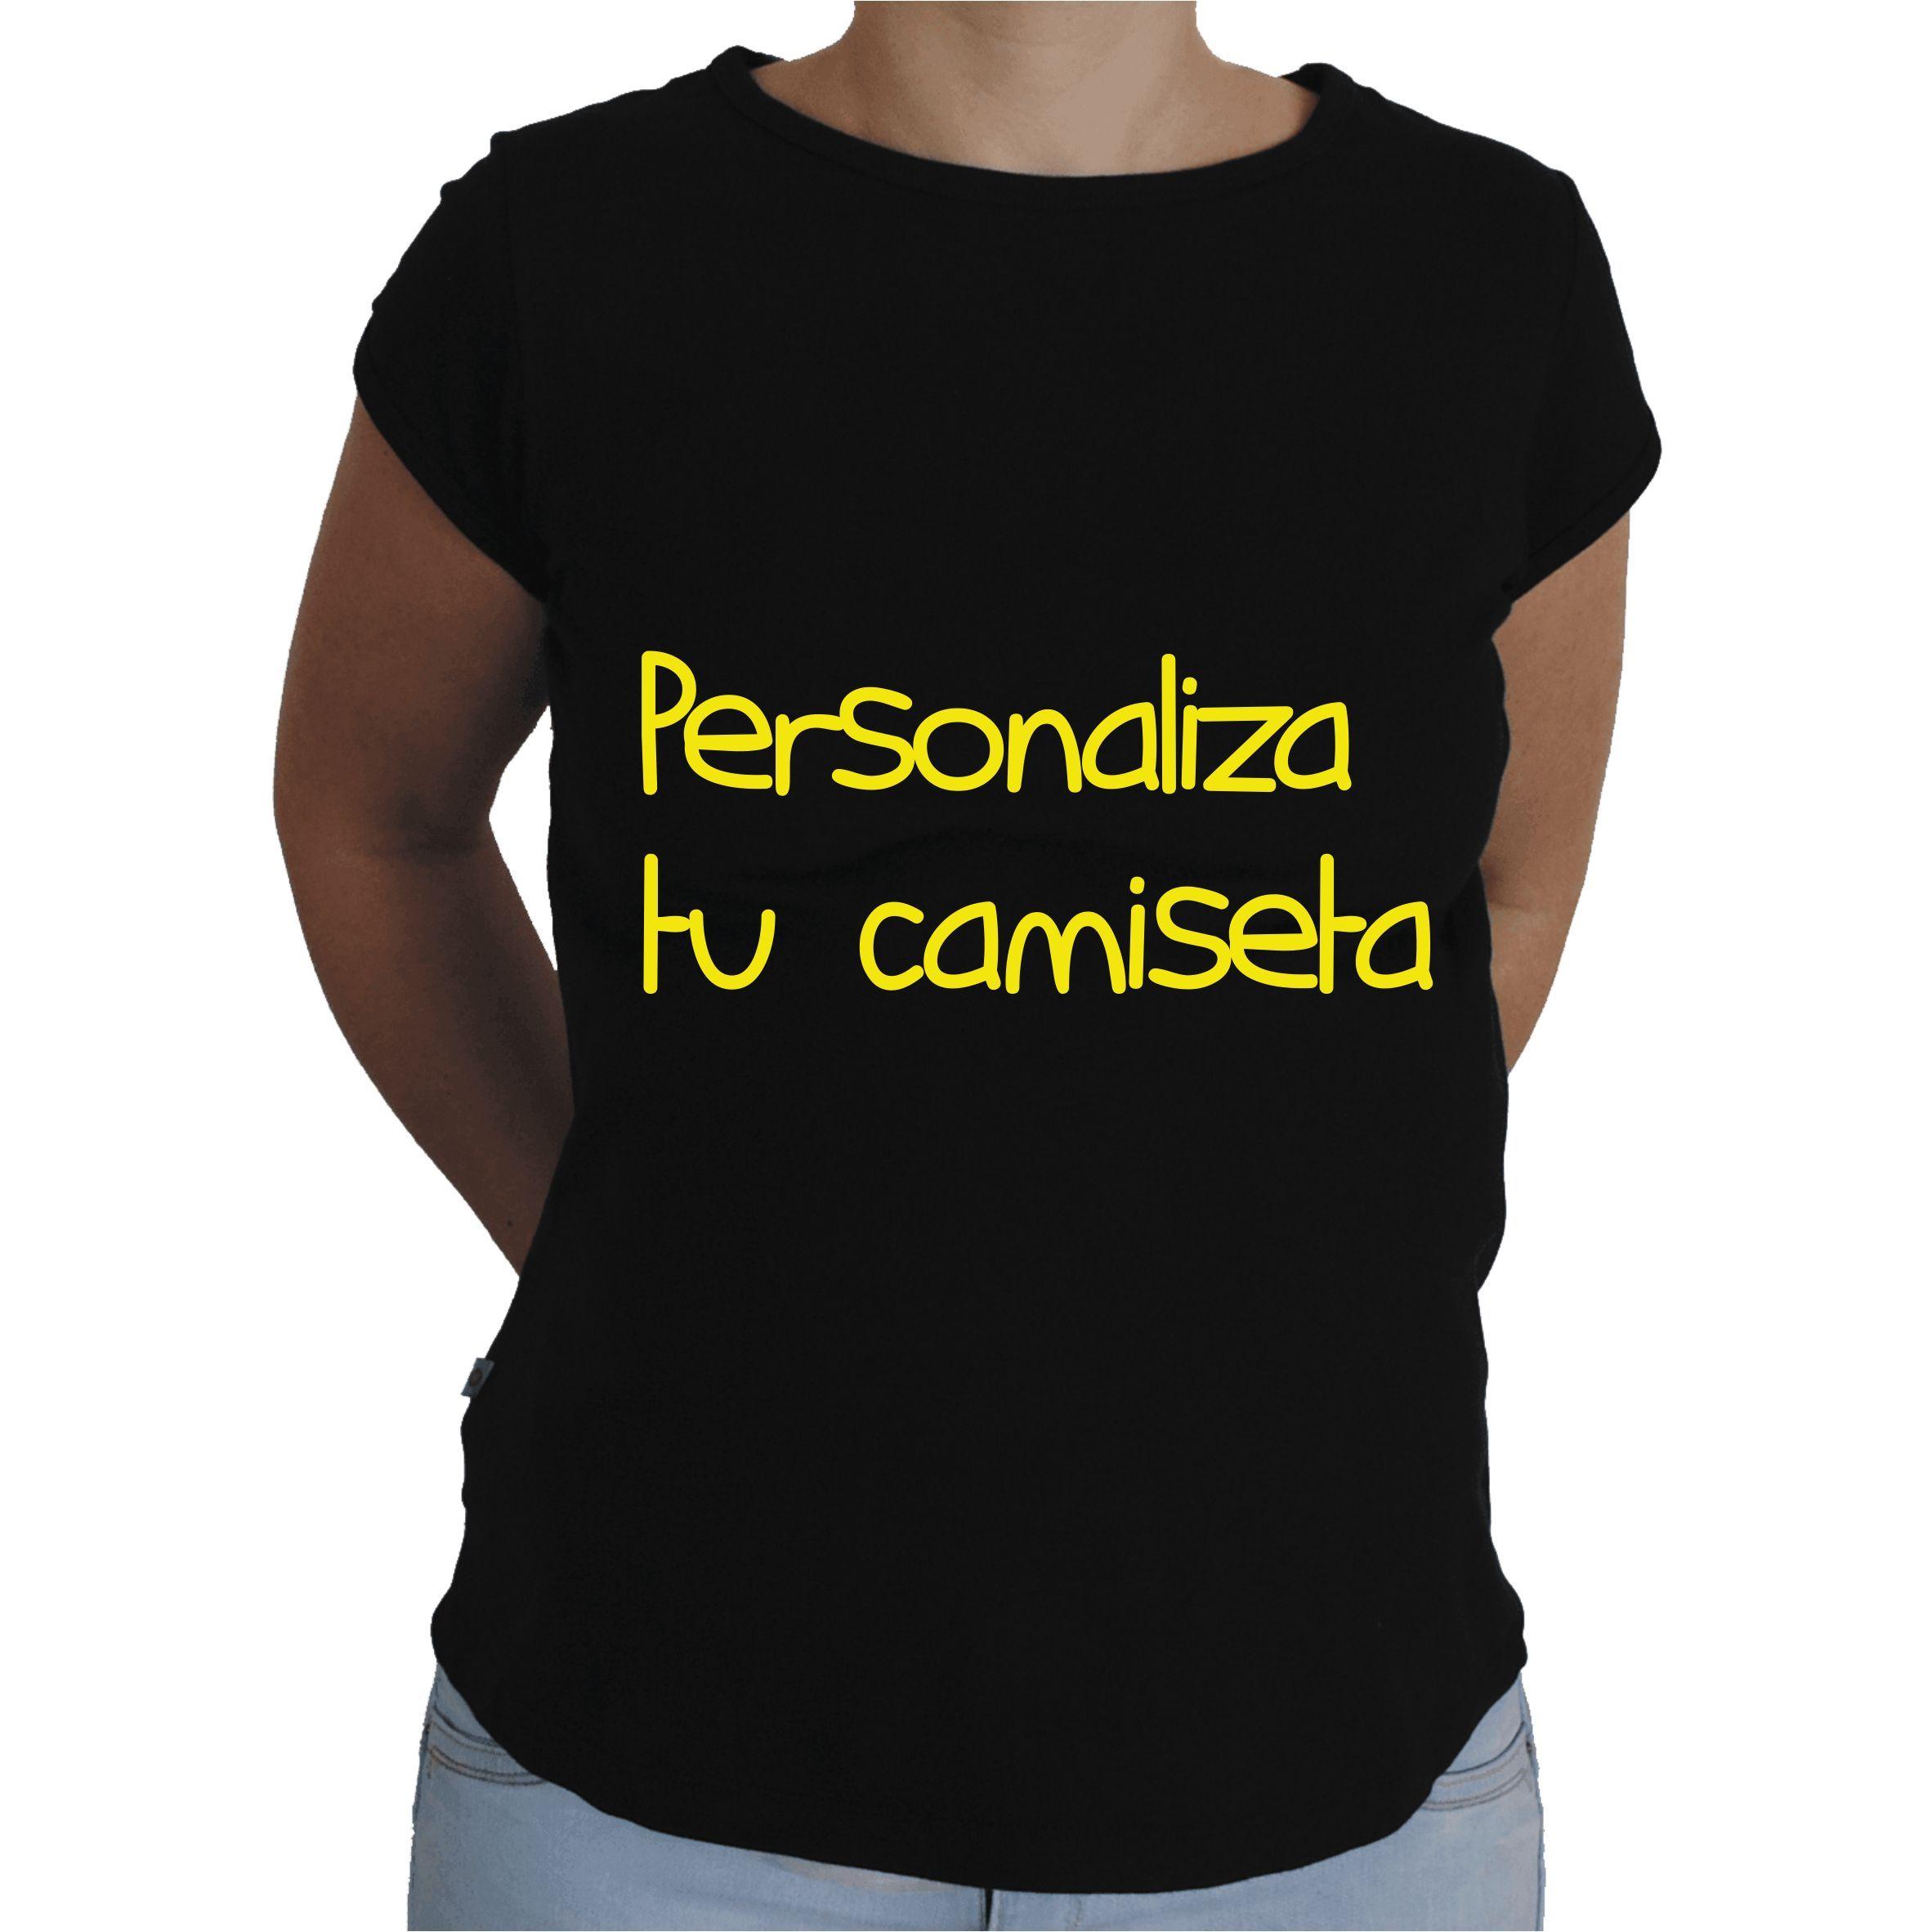 90bbd91cb021b Camiseta para embarazada - Personaliza tu camiseta con un mensaje divertido.